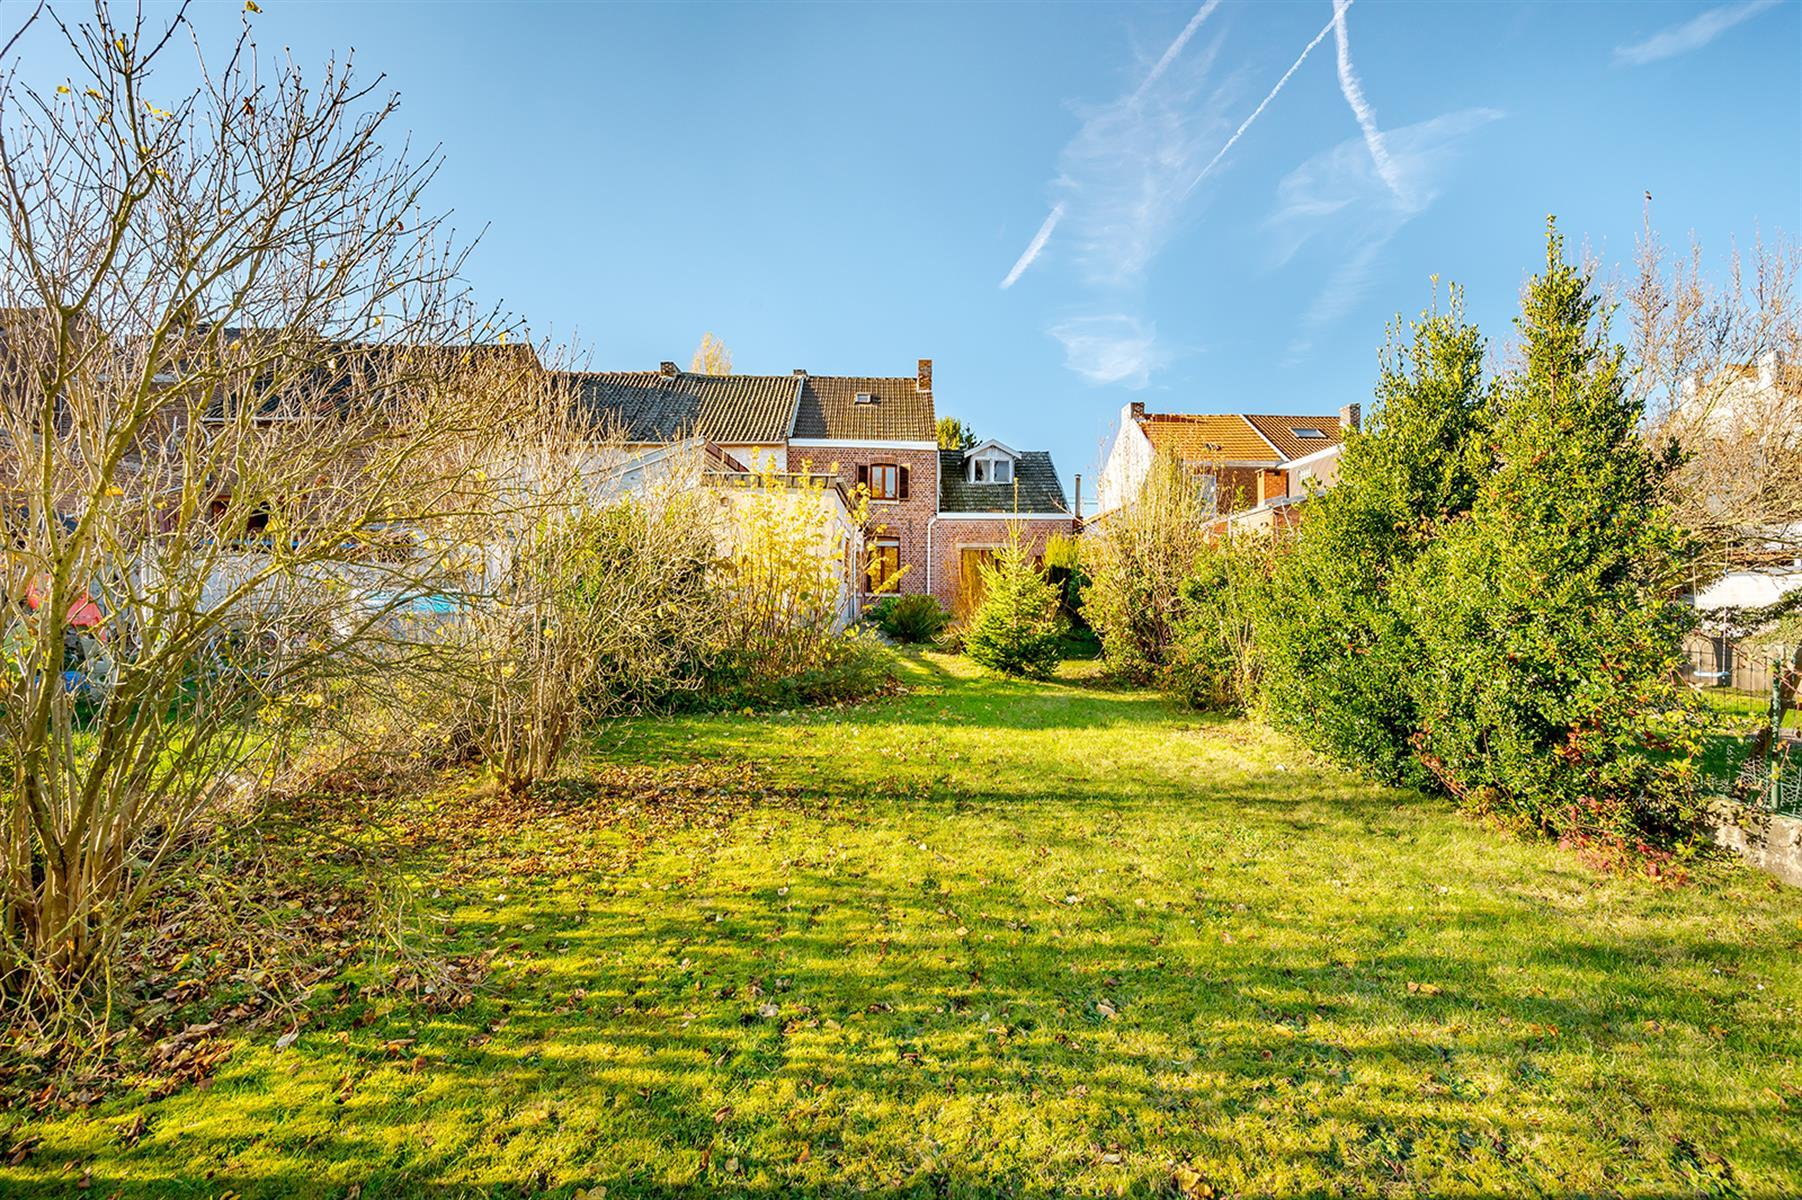 Maison - Fexhele-Haut-Clocher Voroux-Goreux - #4214944-28